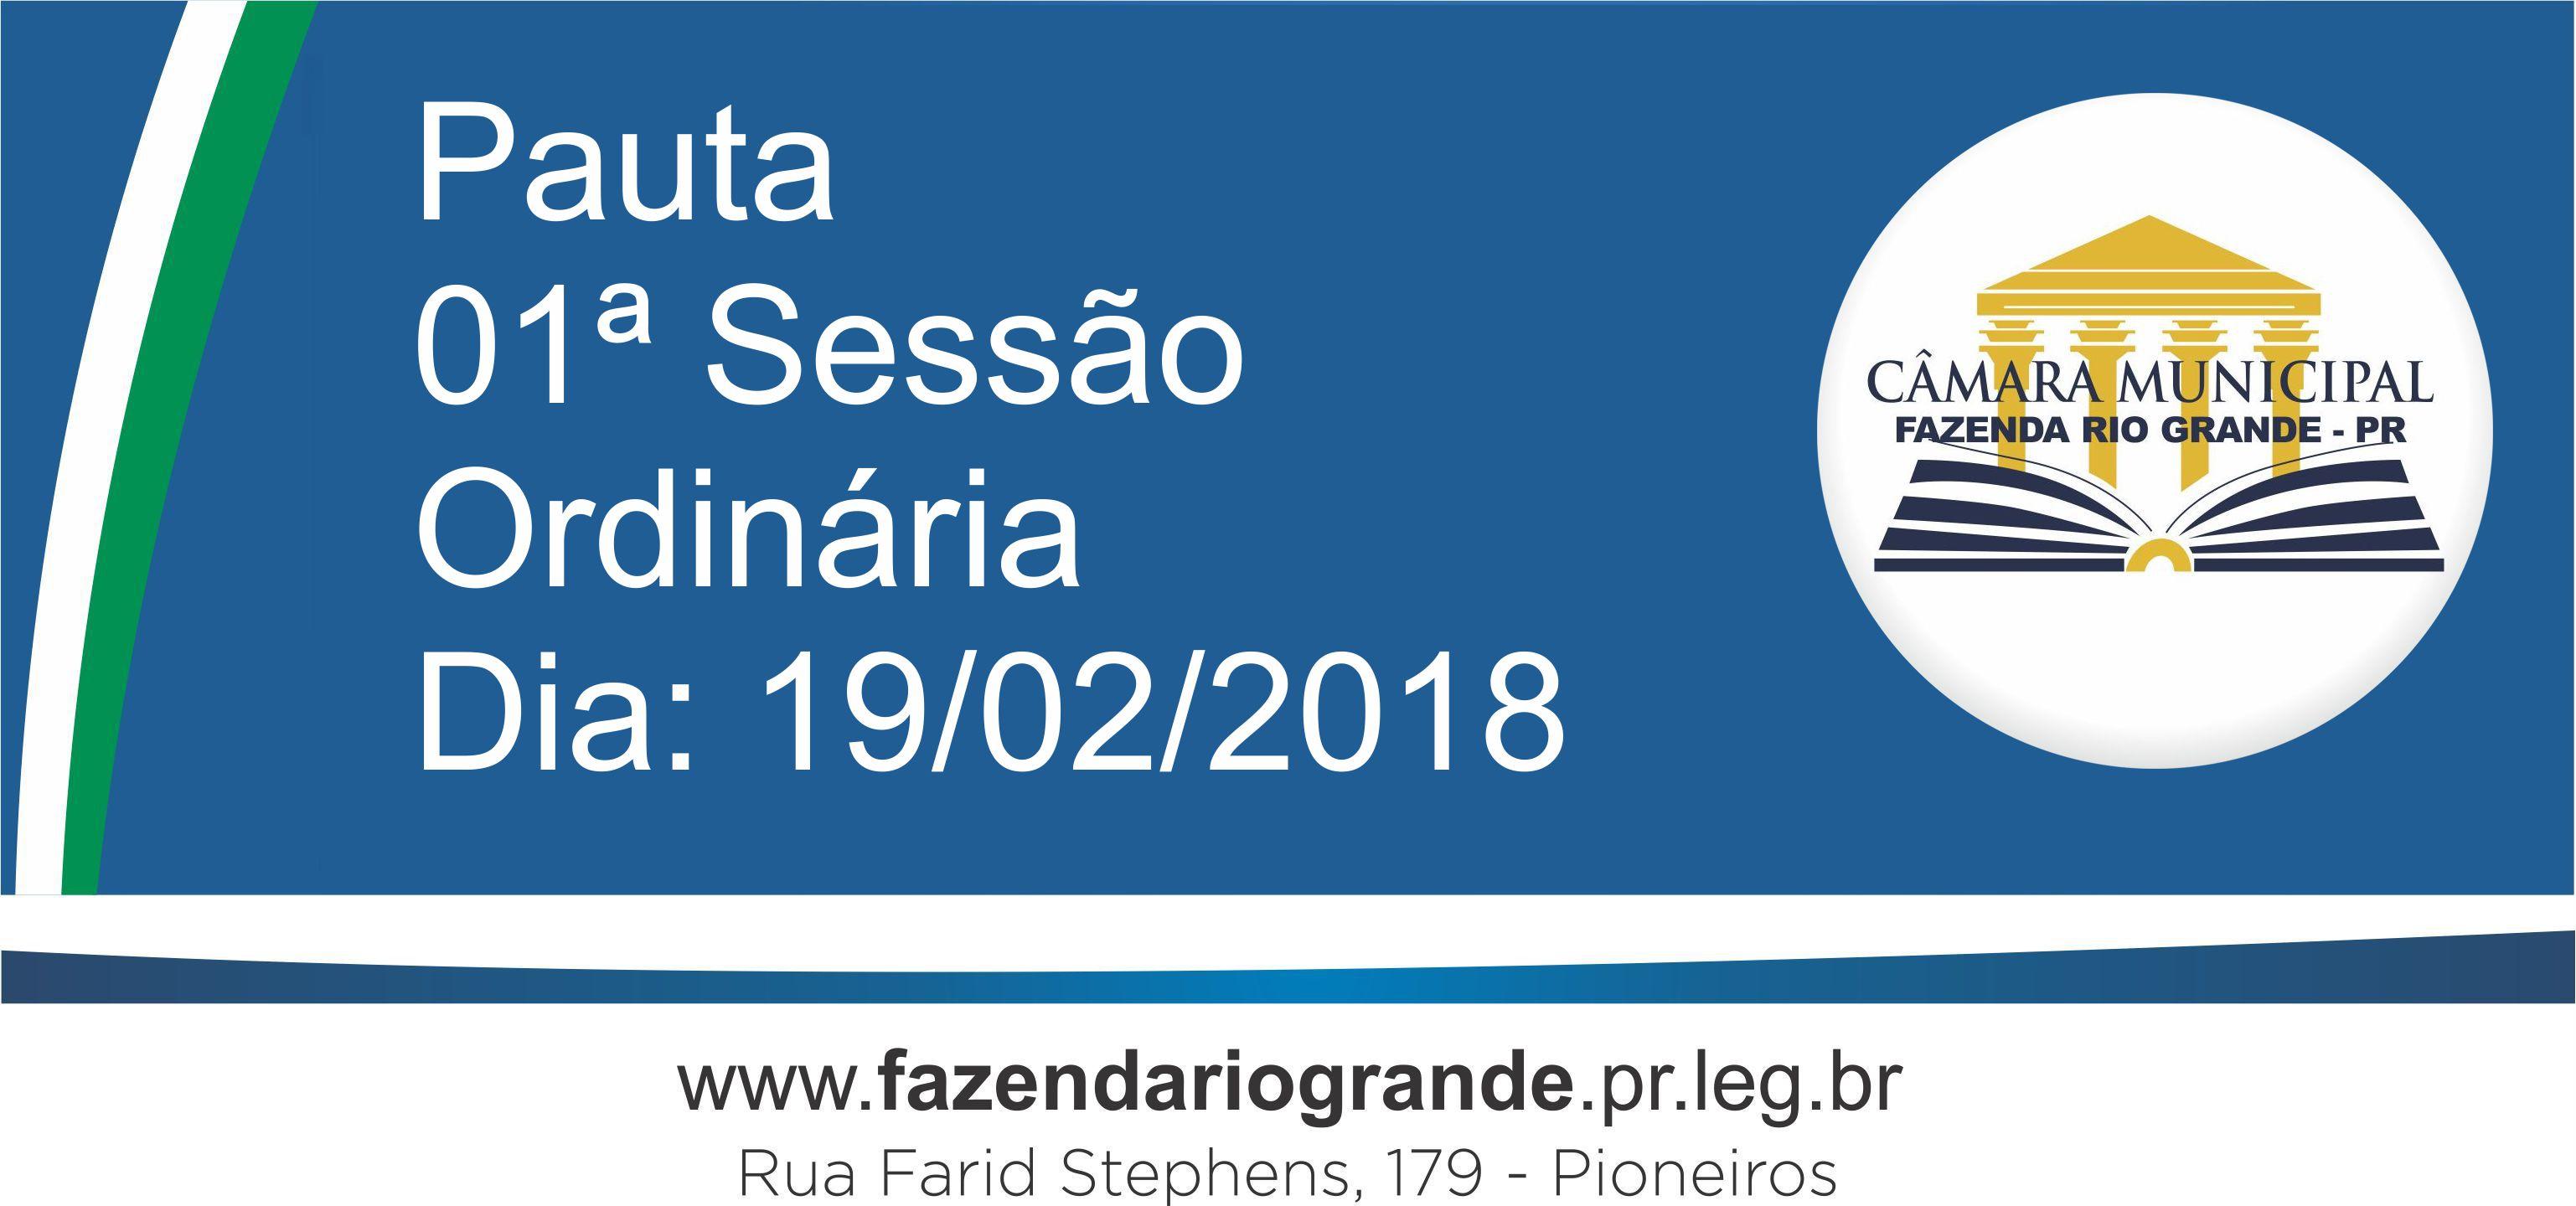 Pauta da 01ª Sessão Ordinária 19/02/2018